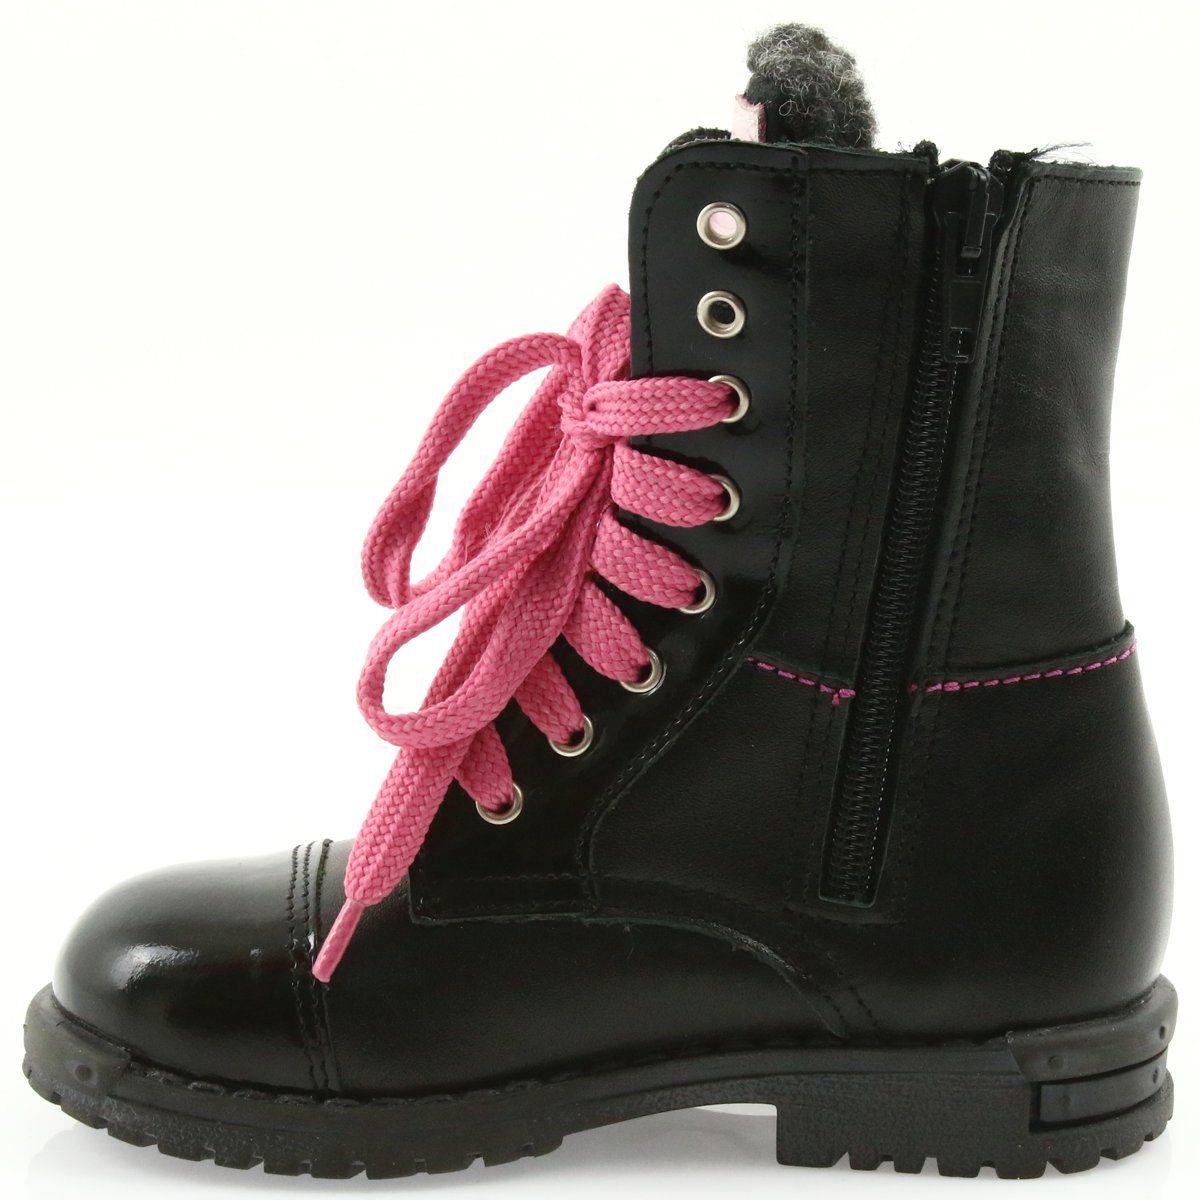 Kozaki Dla Dzieci Renbut Ren But Trzewiki Dziewczece Zarro 38 01 Czarne Wedge Sneaker Shoes Sneakers